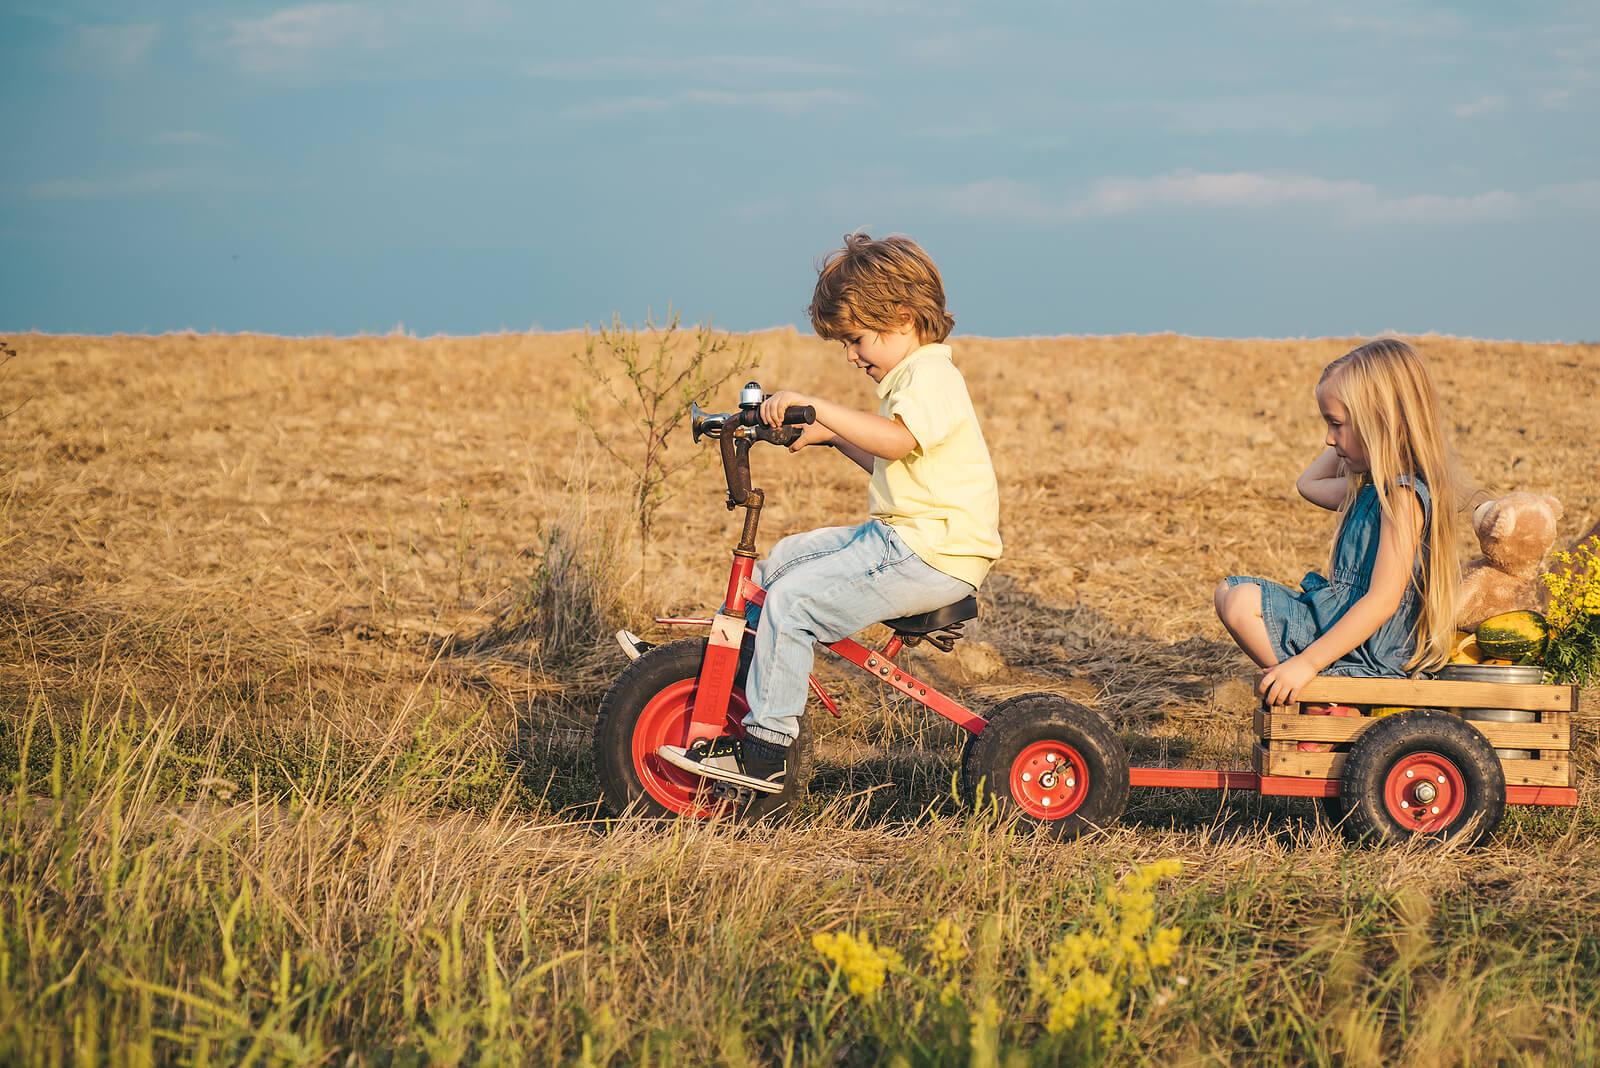 Amigos jugando por el campo con un triciclo a modo de tractor con remolque.